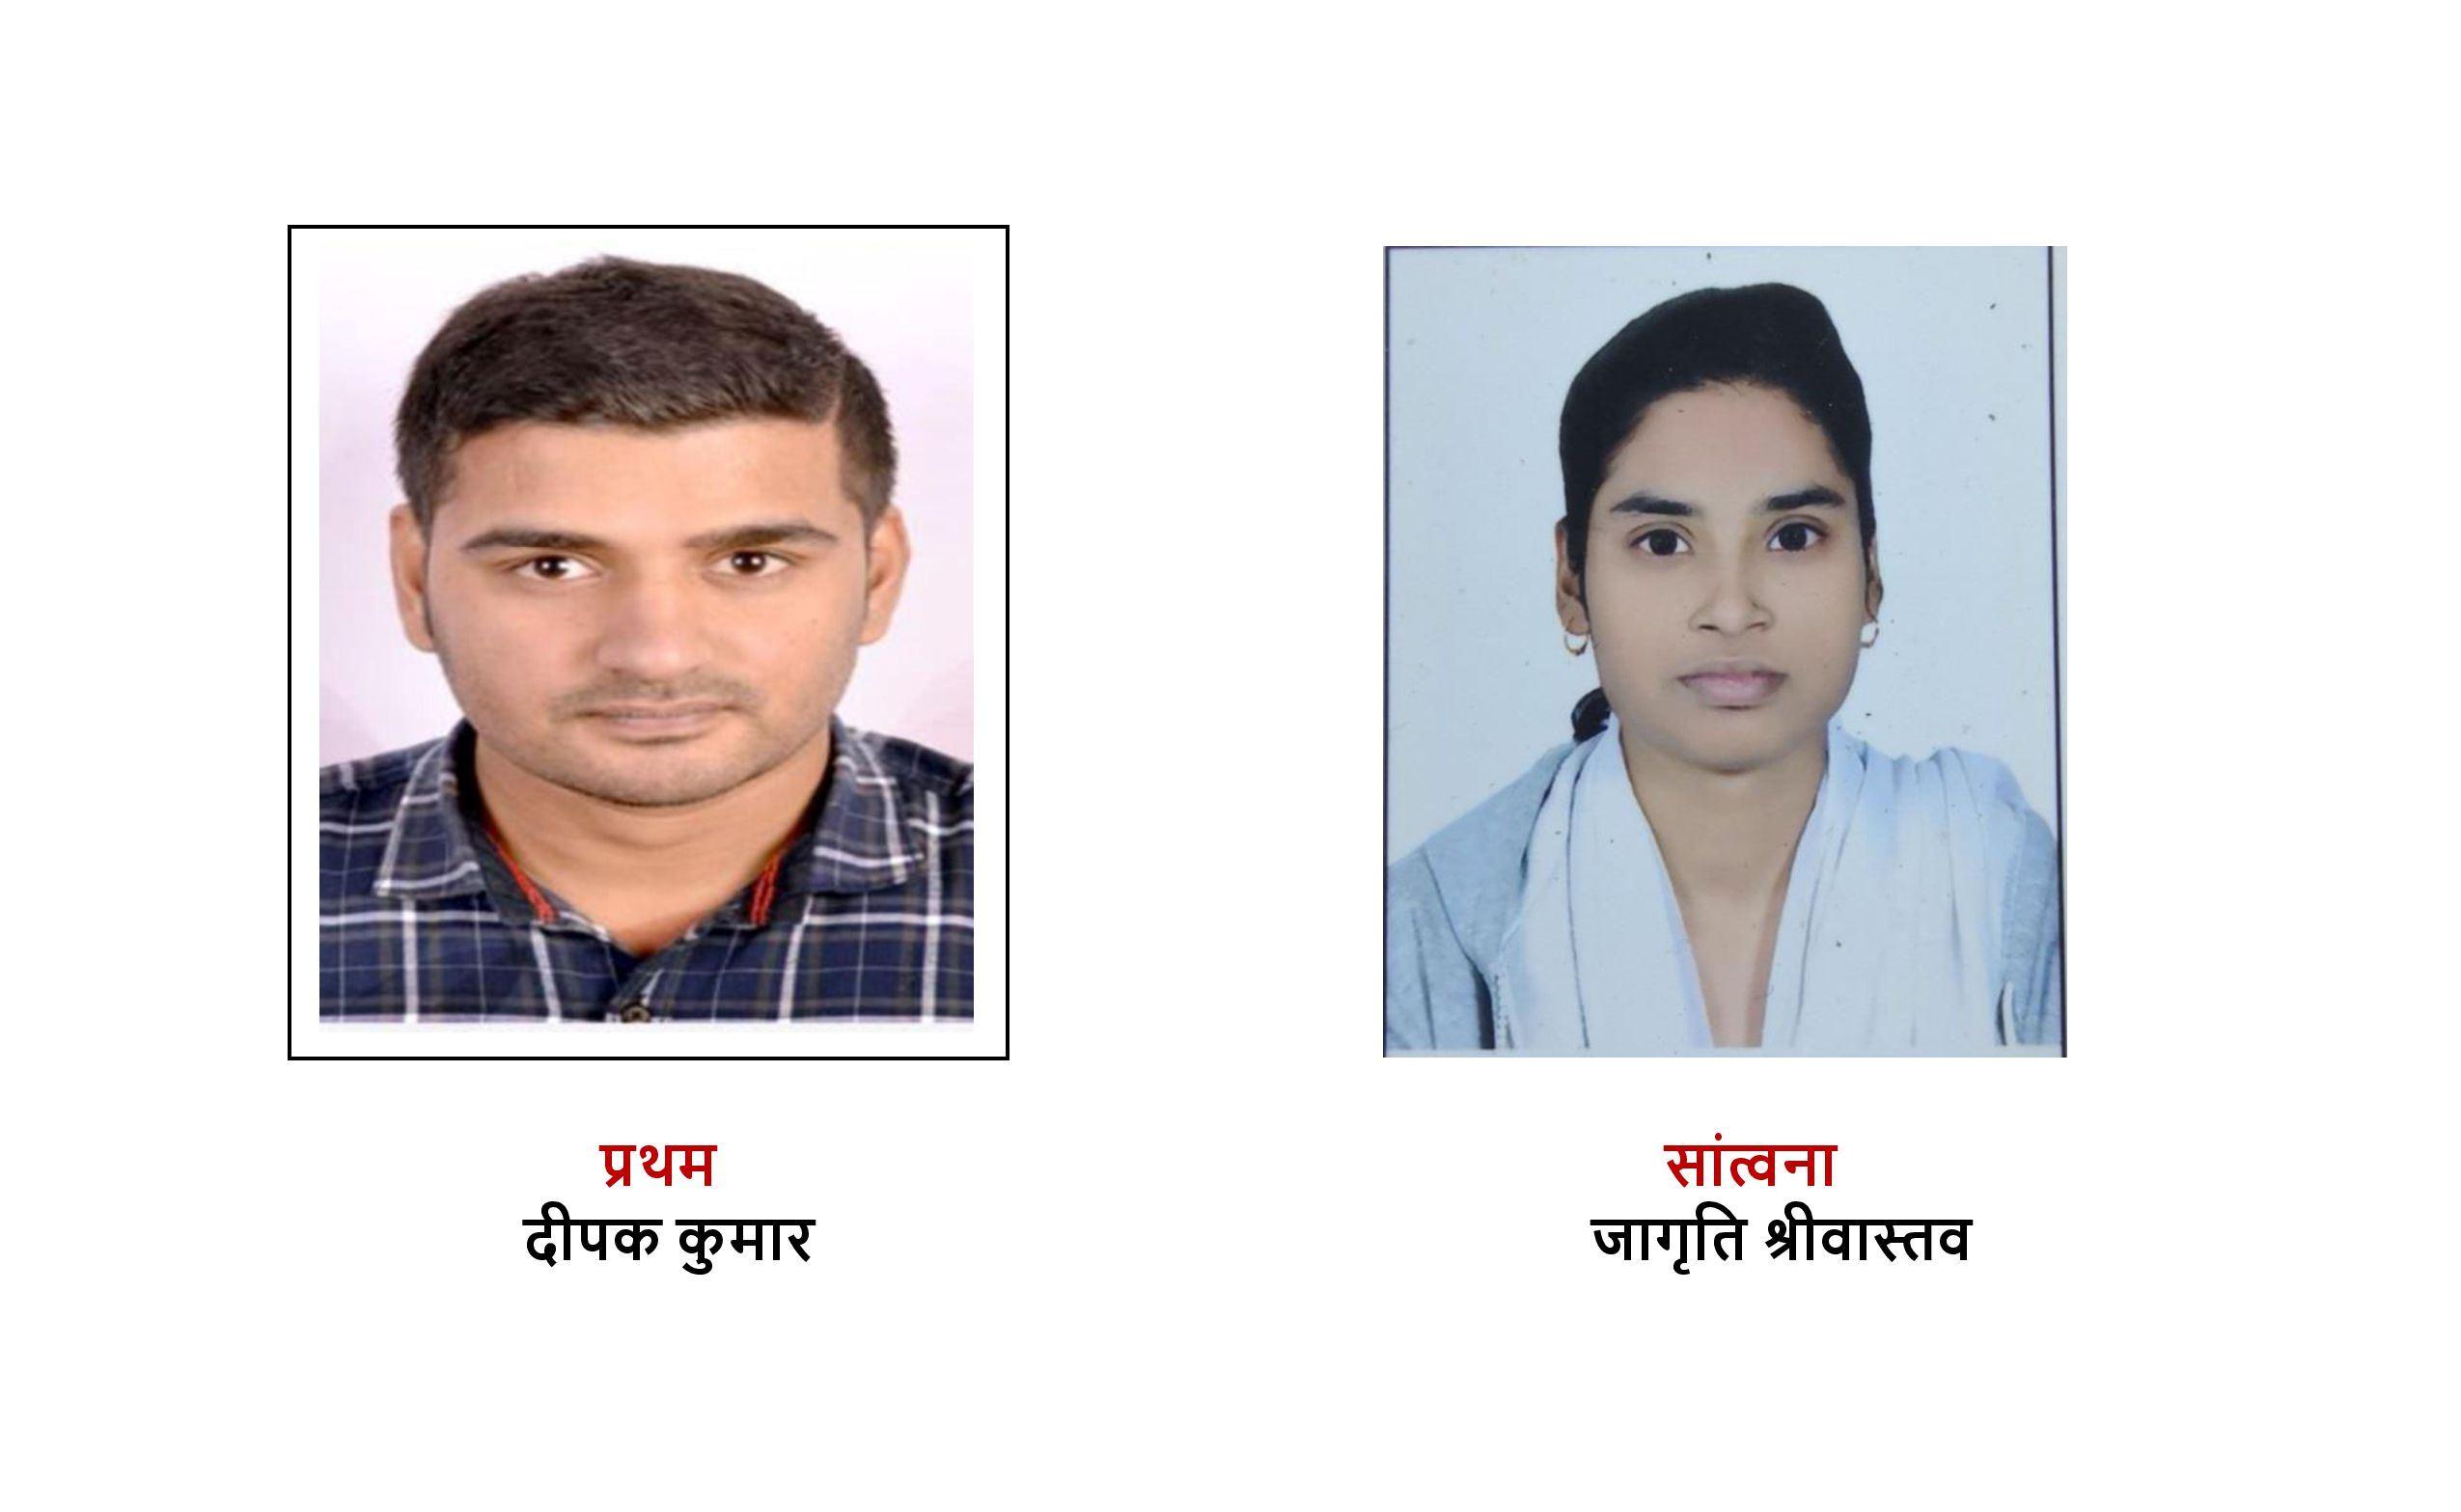 राजकीय संग्रहालय, मथुरा द्वारा आयोजित निबंध प्रतियोगिता में दीपक कुमार एवं जागृति श्रीवास्तव ने पुरस्कार प्राप्त किया।